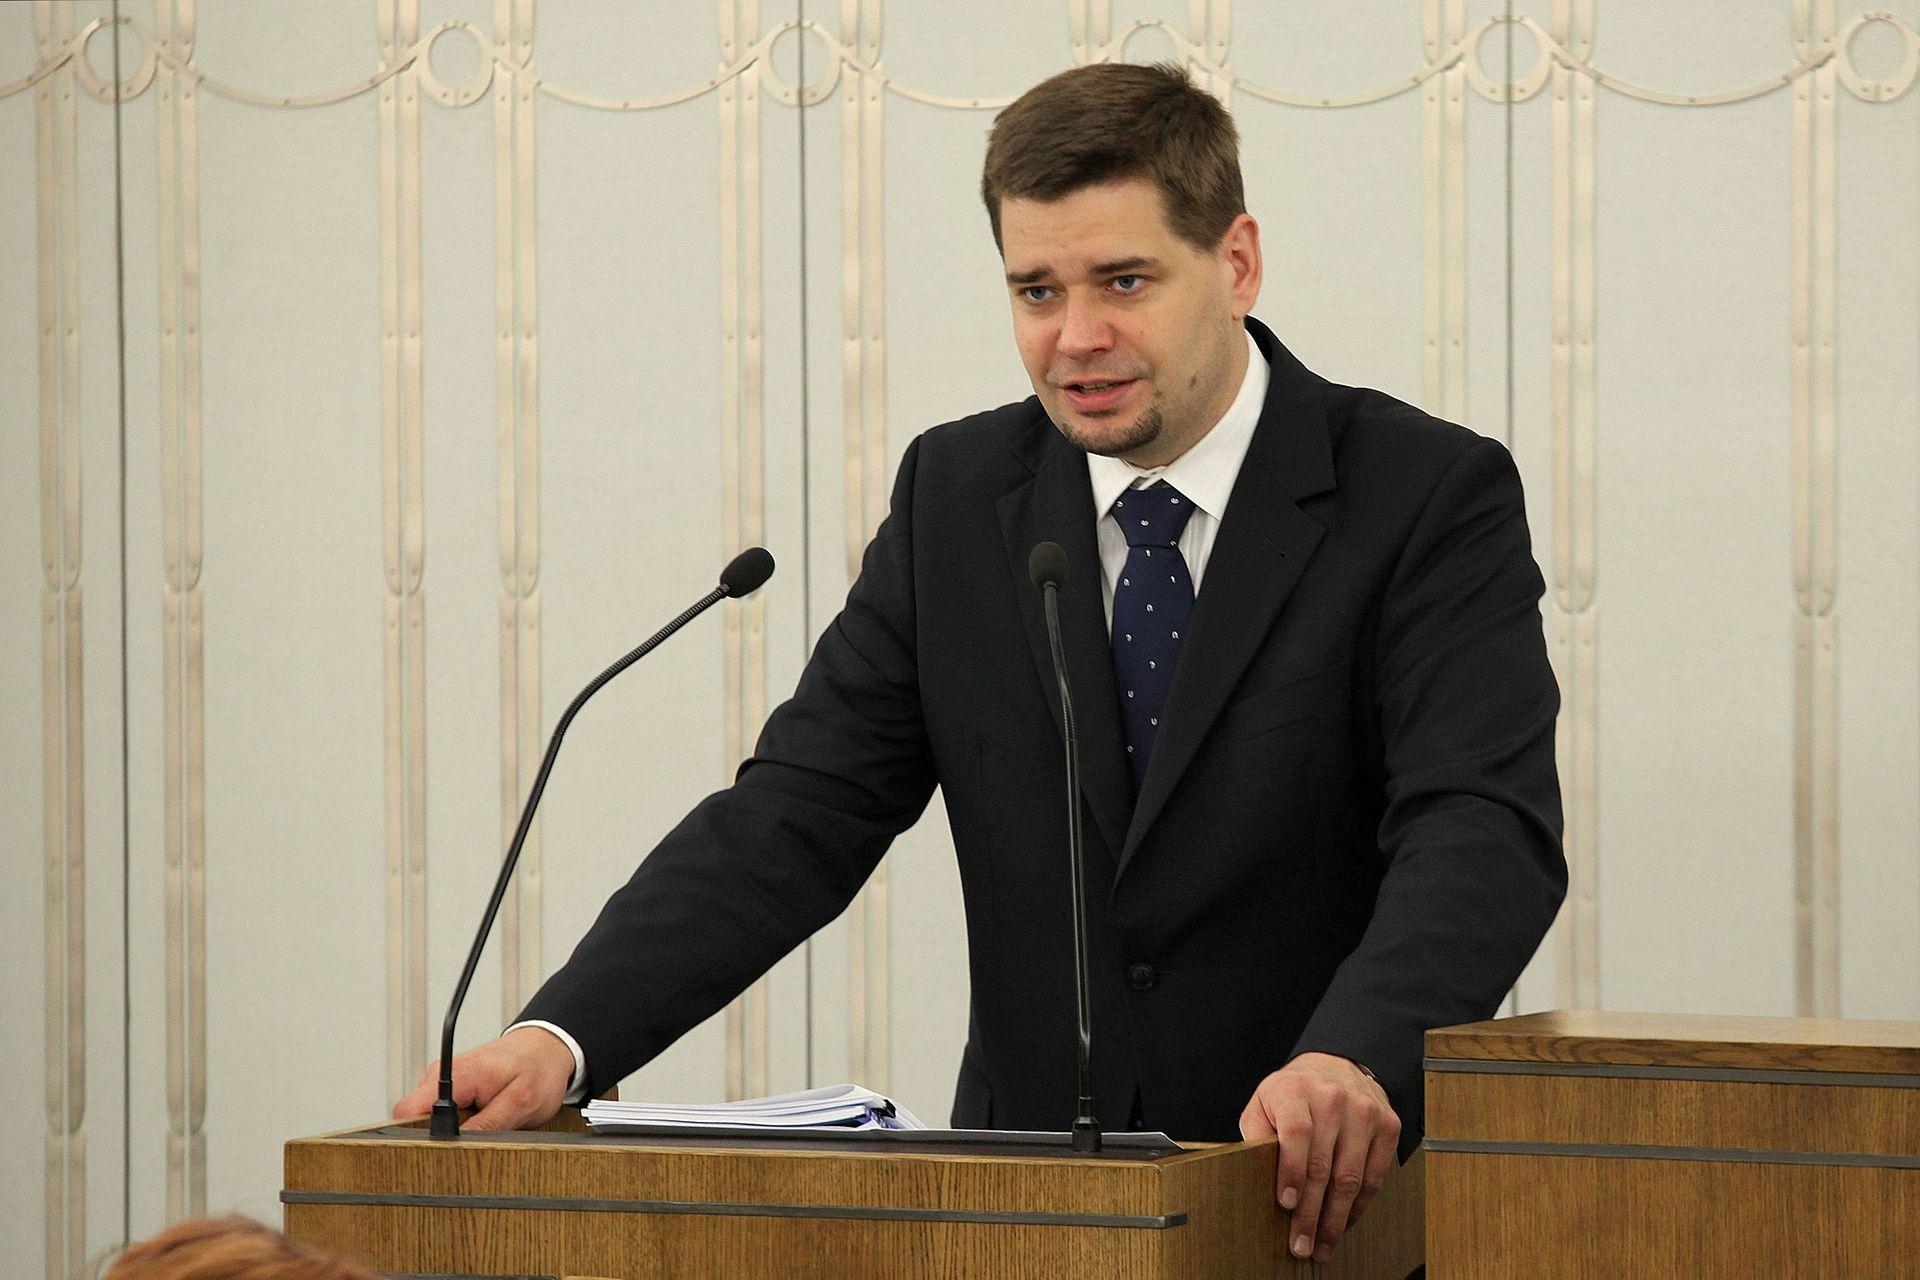 """Kancelaria prawna, której partnerem jest Michał Królikowski: Jego zatrzymanie ma charakter """"polityczny oraz pokazowy"""""""